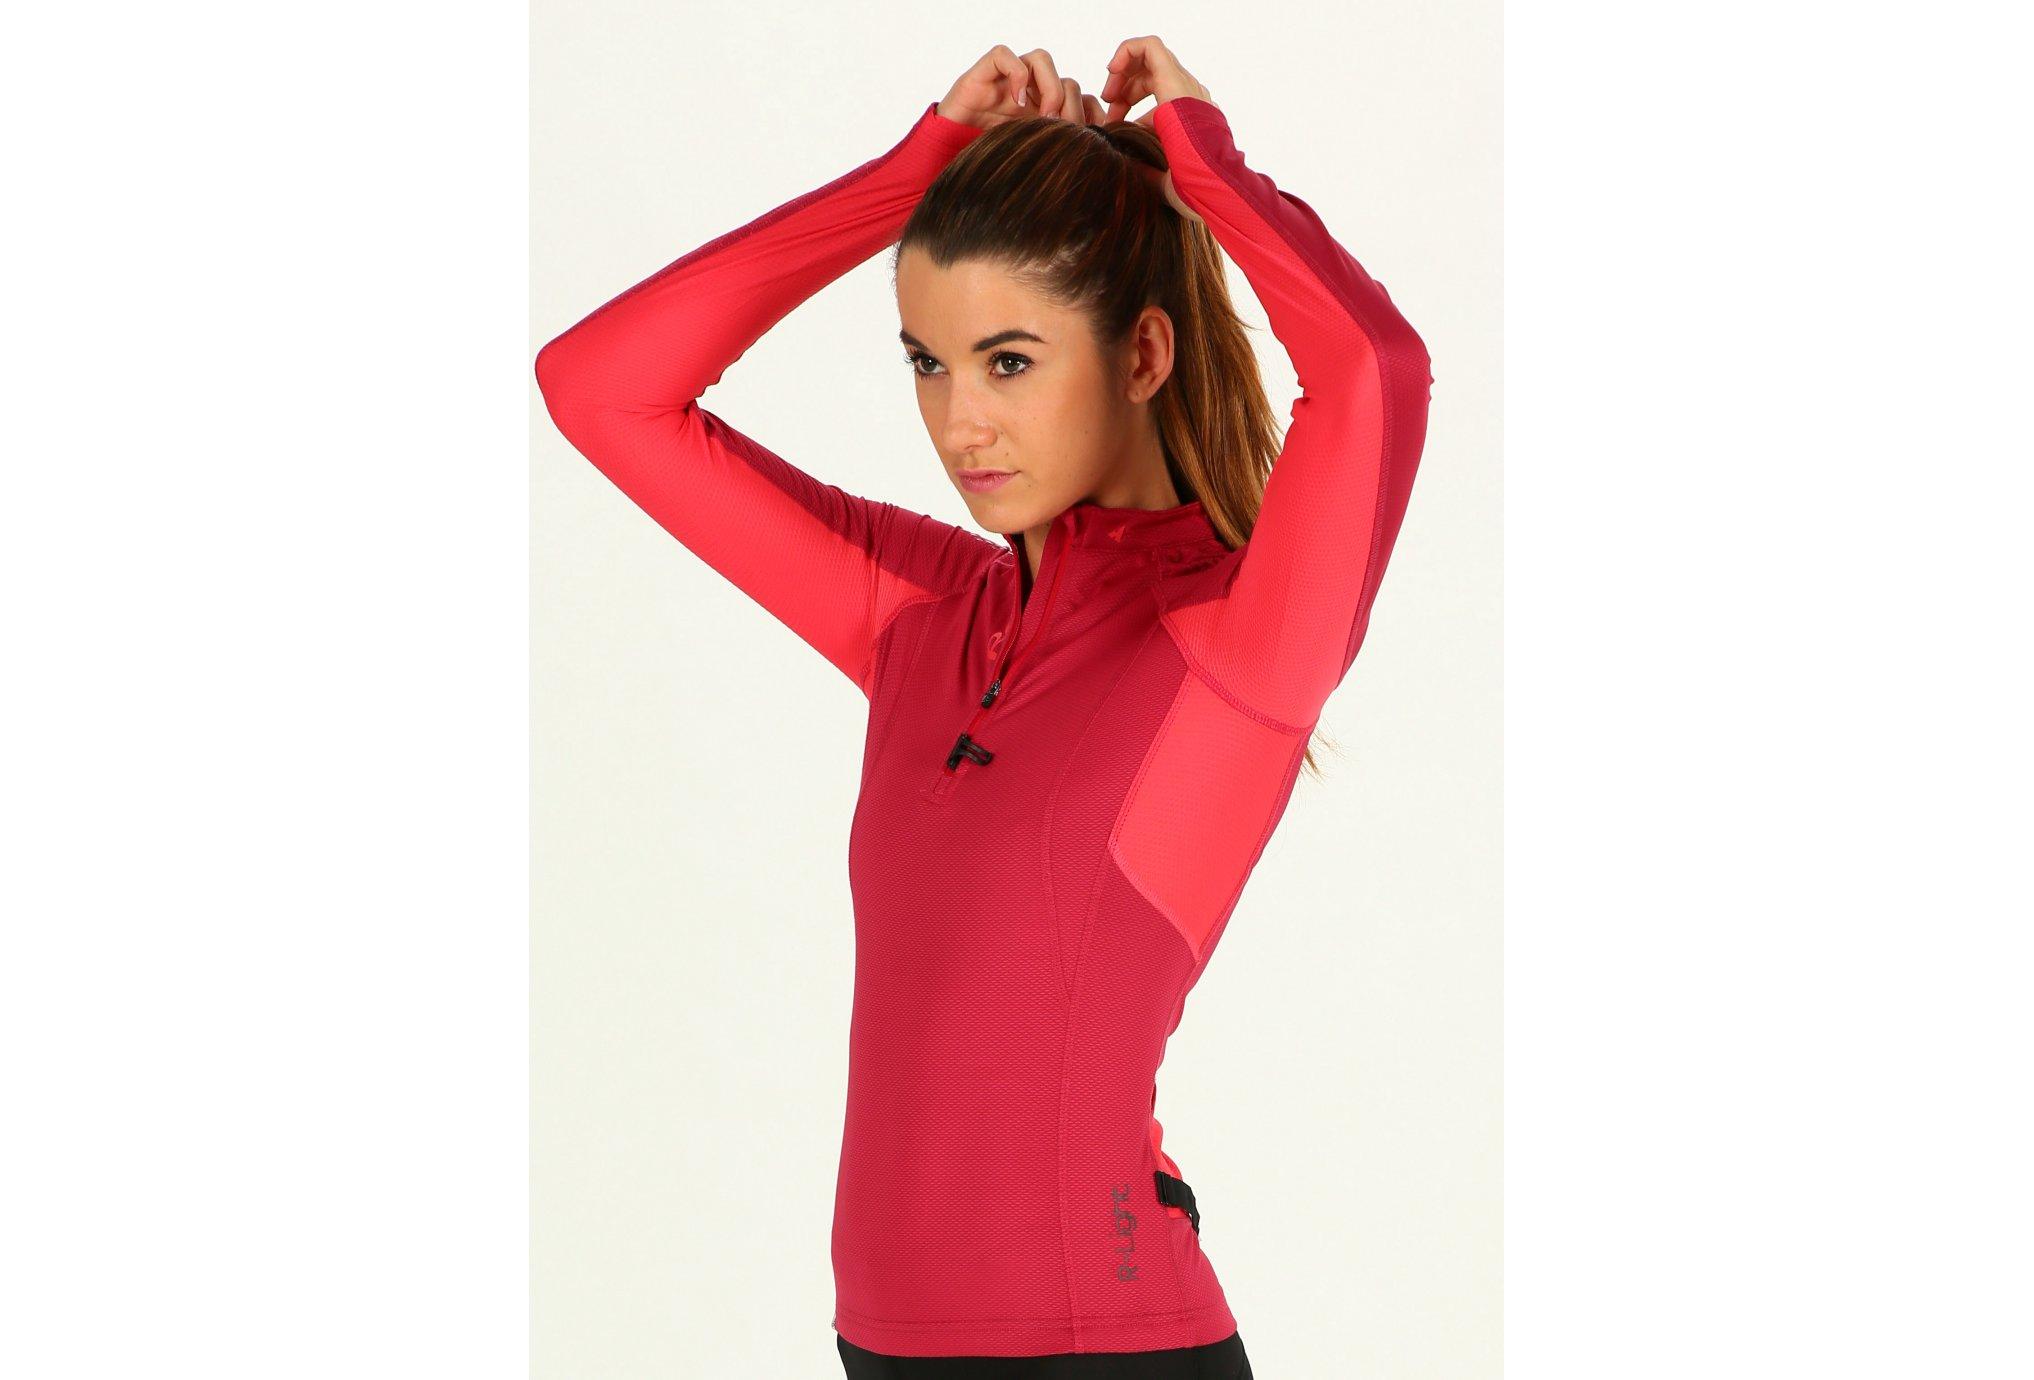 Raidlight Performer XP W vêtement running femme